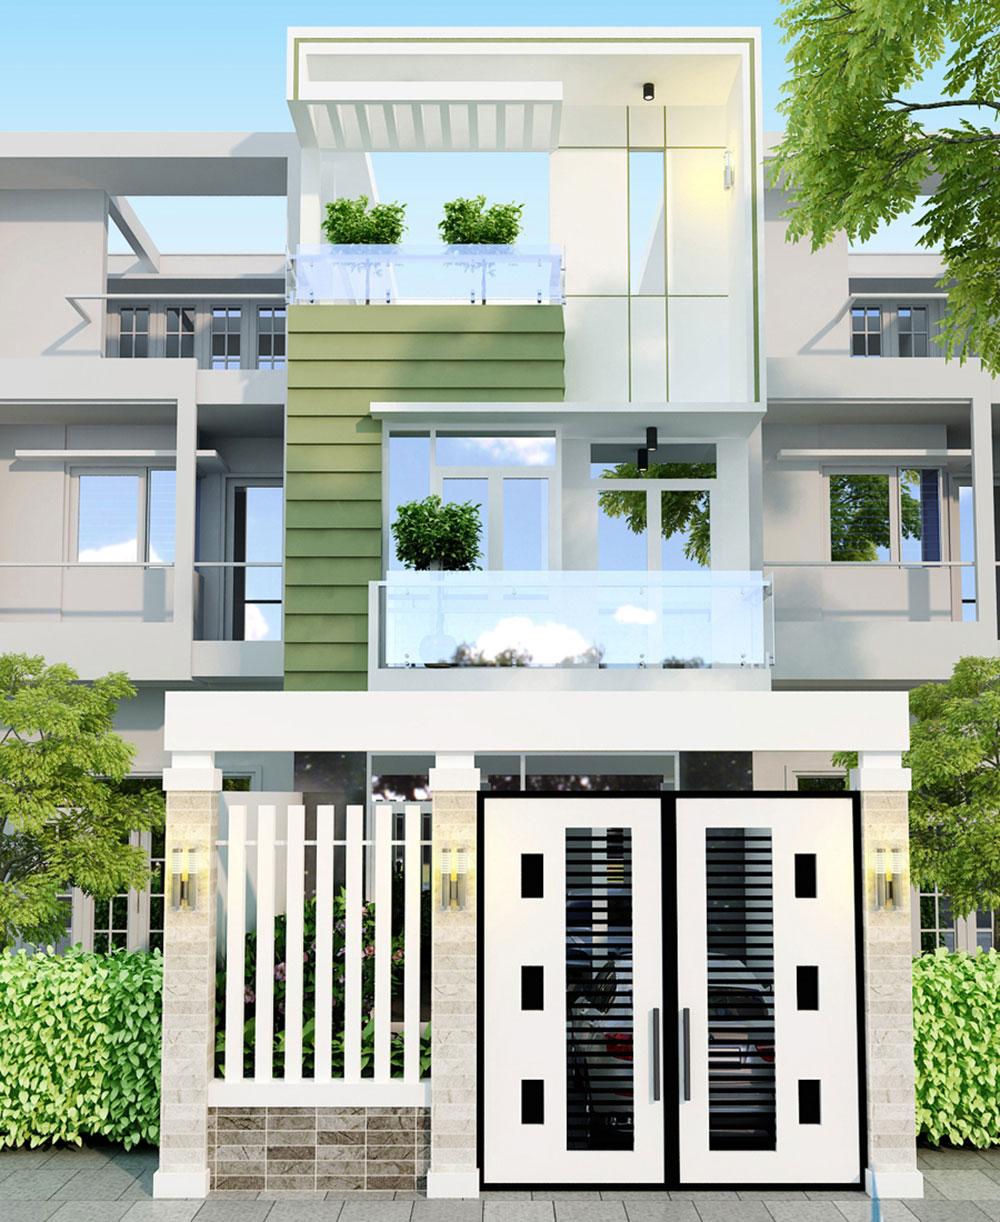 Nhà phố 3 tầng đẹp, sang trọng hiện đại của Anh Lê Văn Hưng, Đức Hòa, Long An